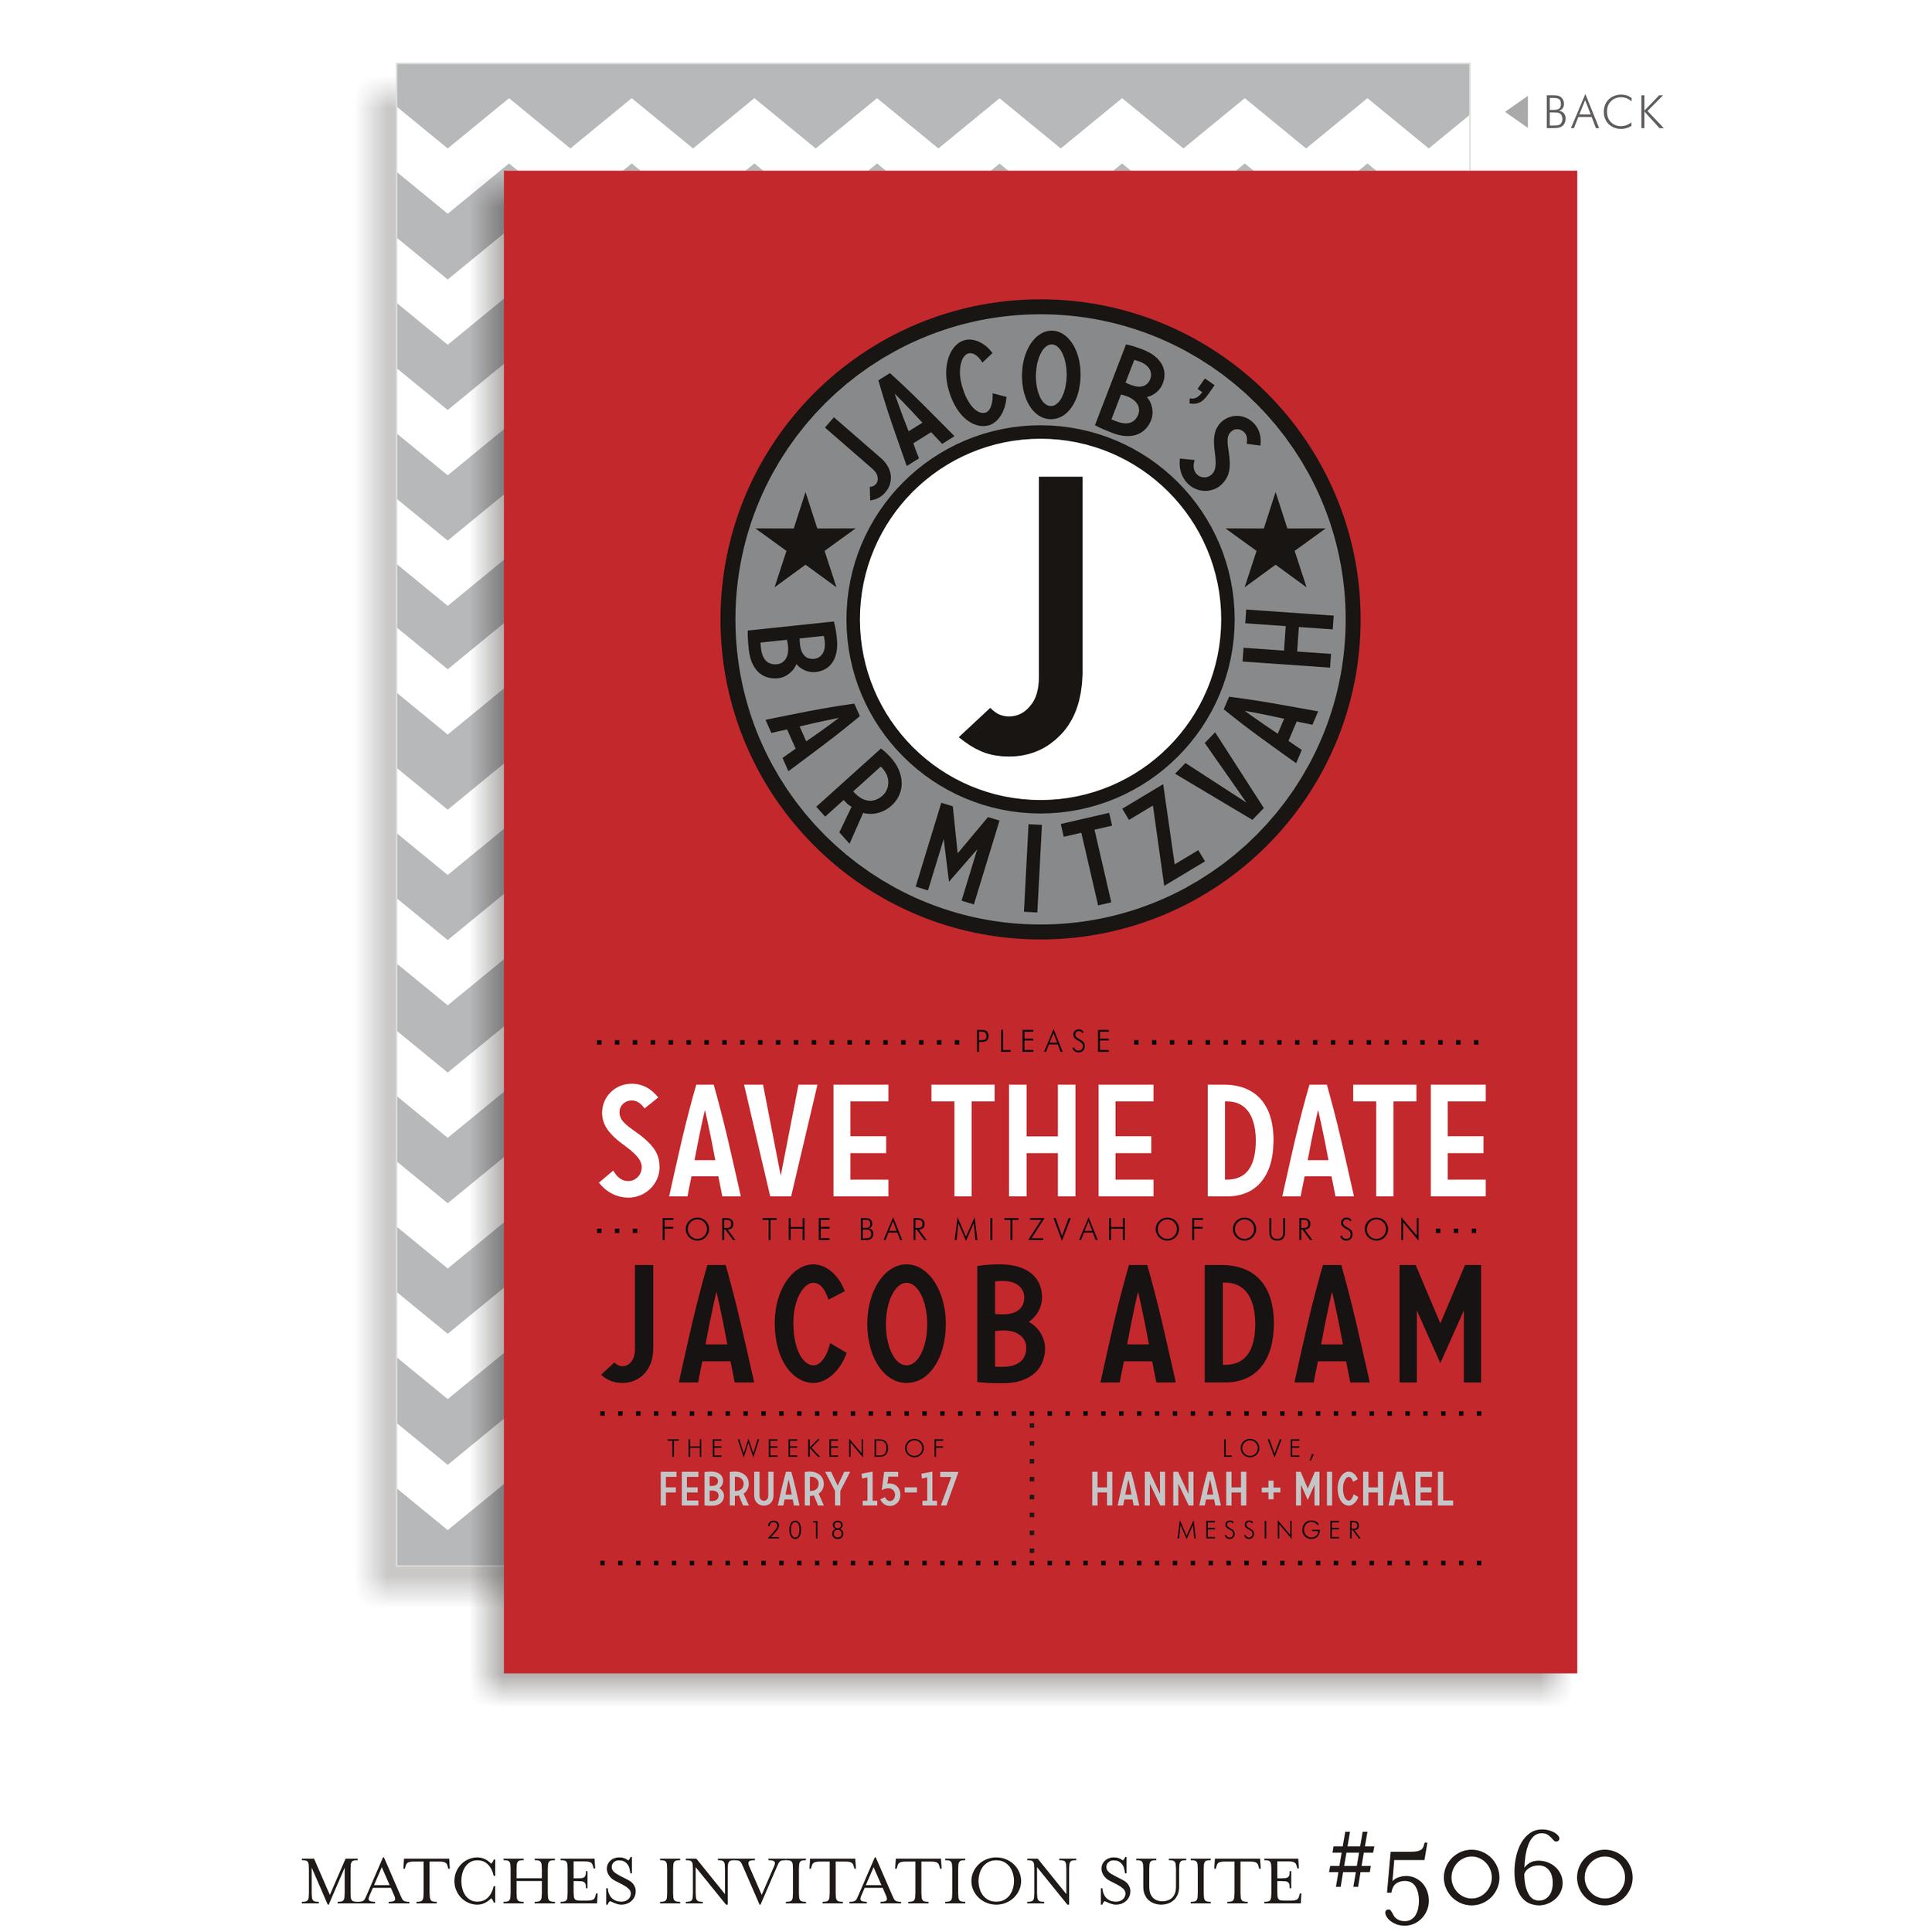 Save the Date Bar Mitzvah Suite 5060 - Jacob Adam